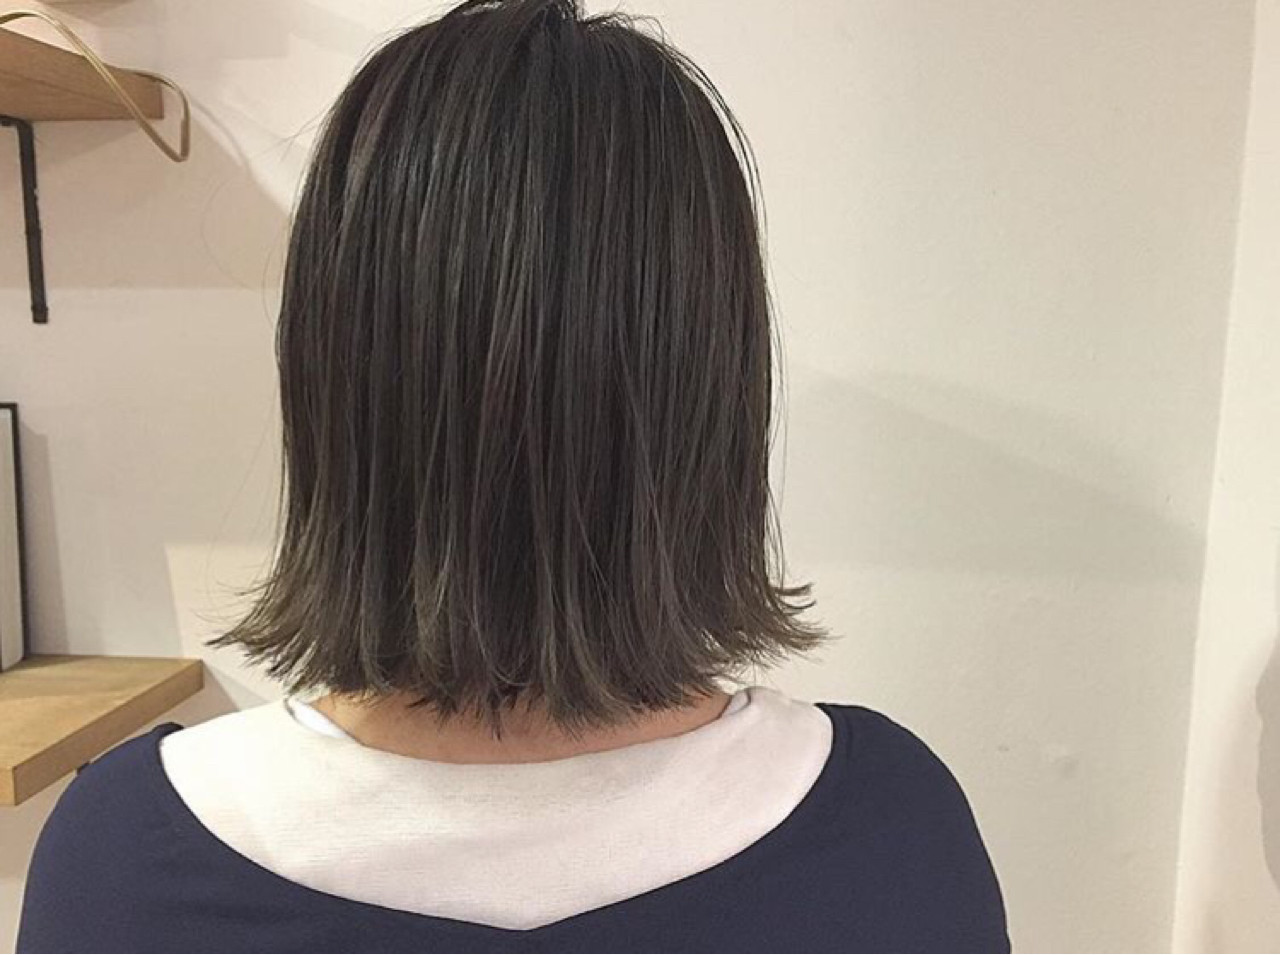 デート 切りっぱなし ナチュラル オフィス ヘアスタイルや髪型の写真・画像 | KENTO.NOESALON / NOE SALON